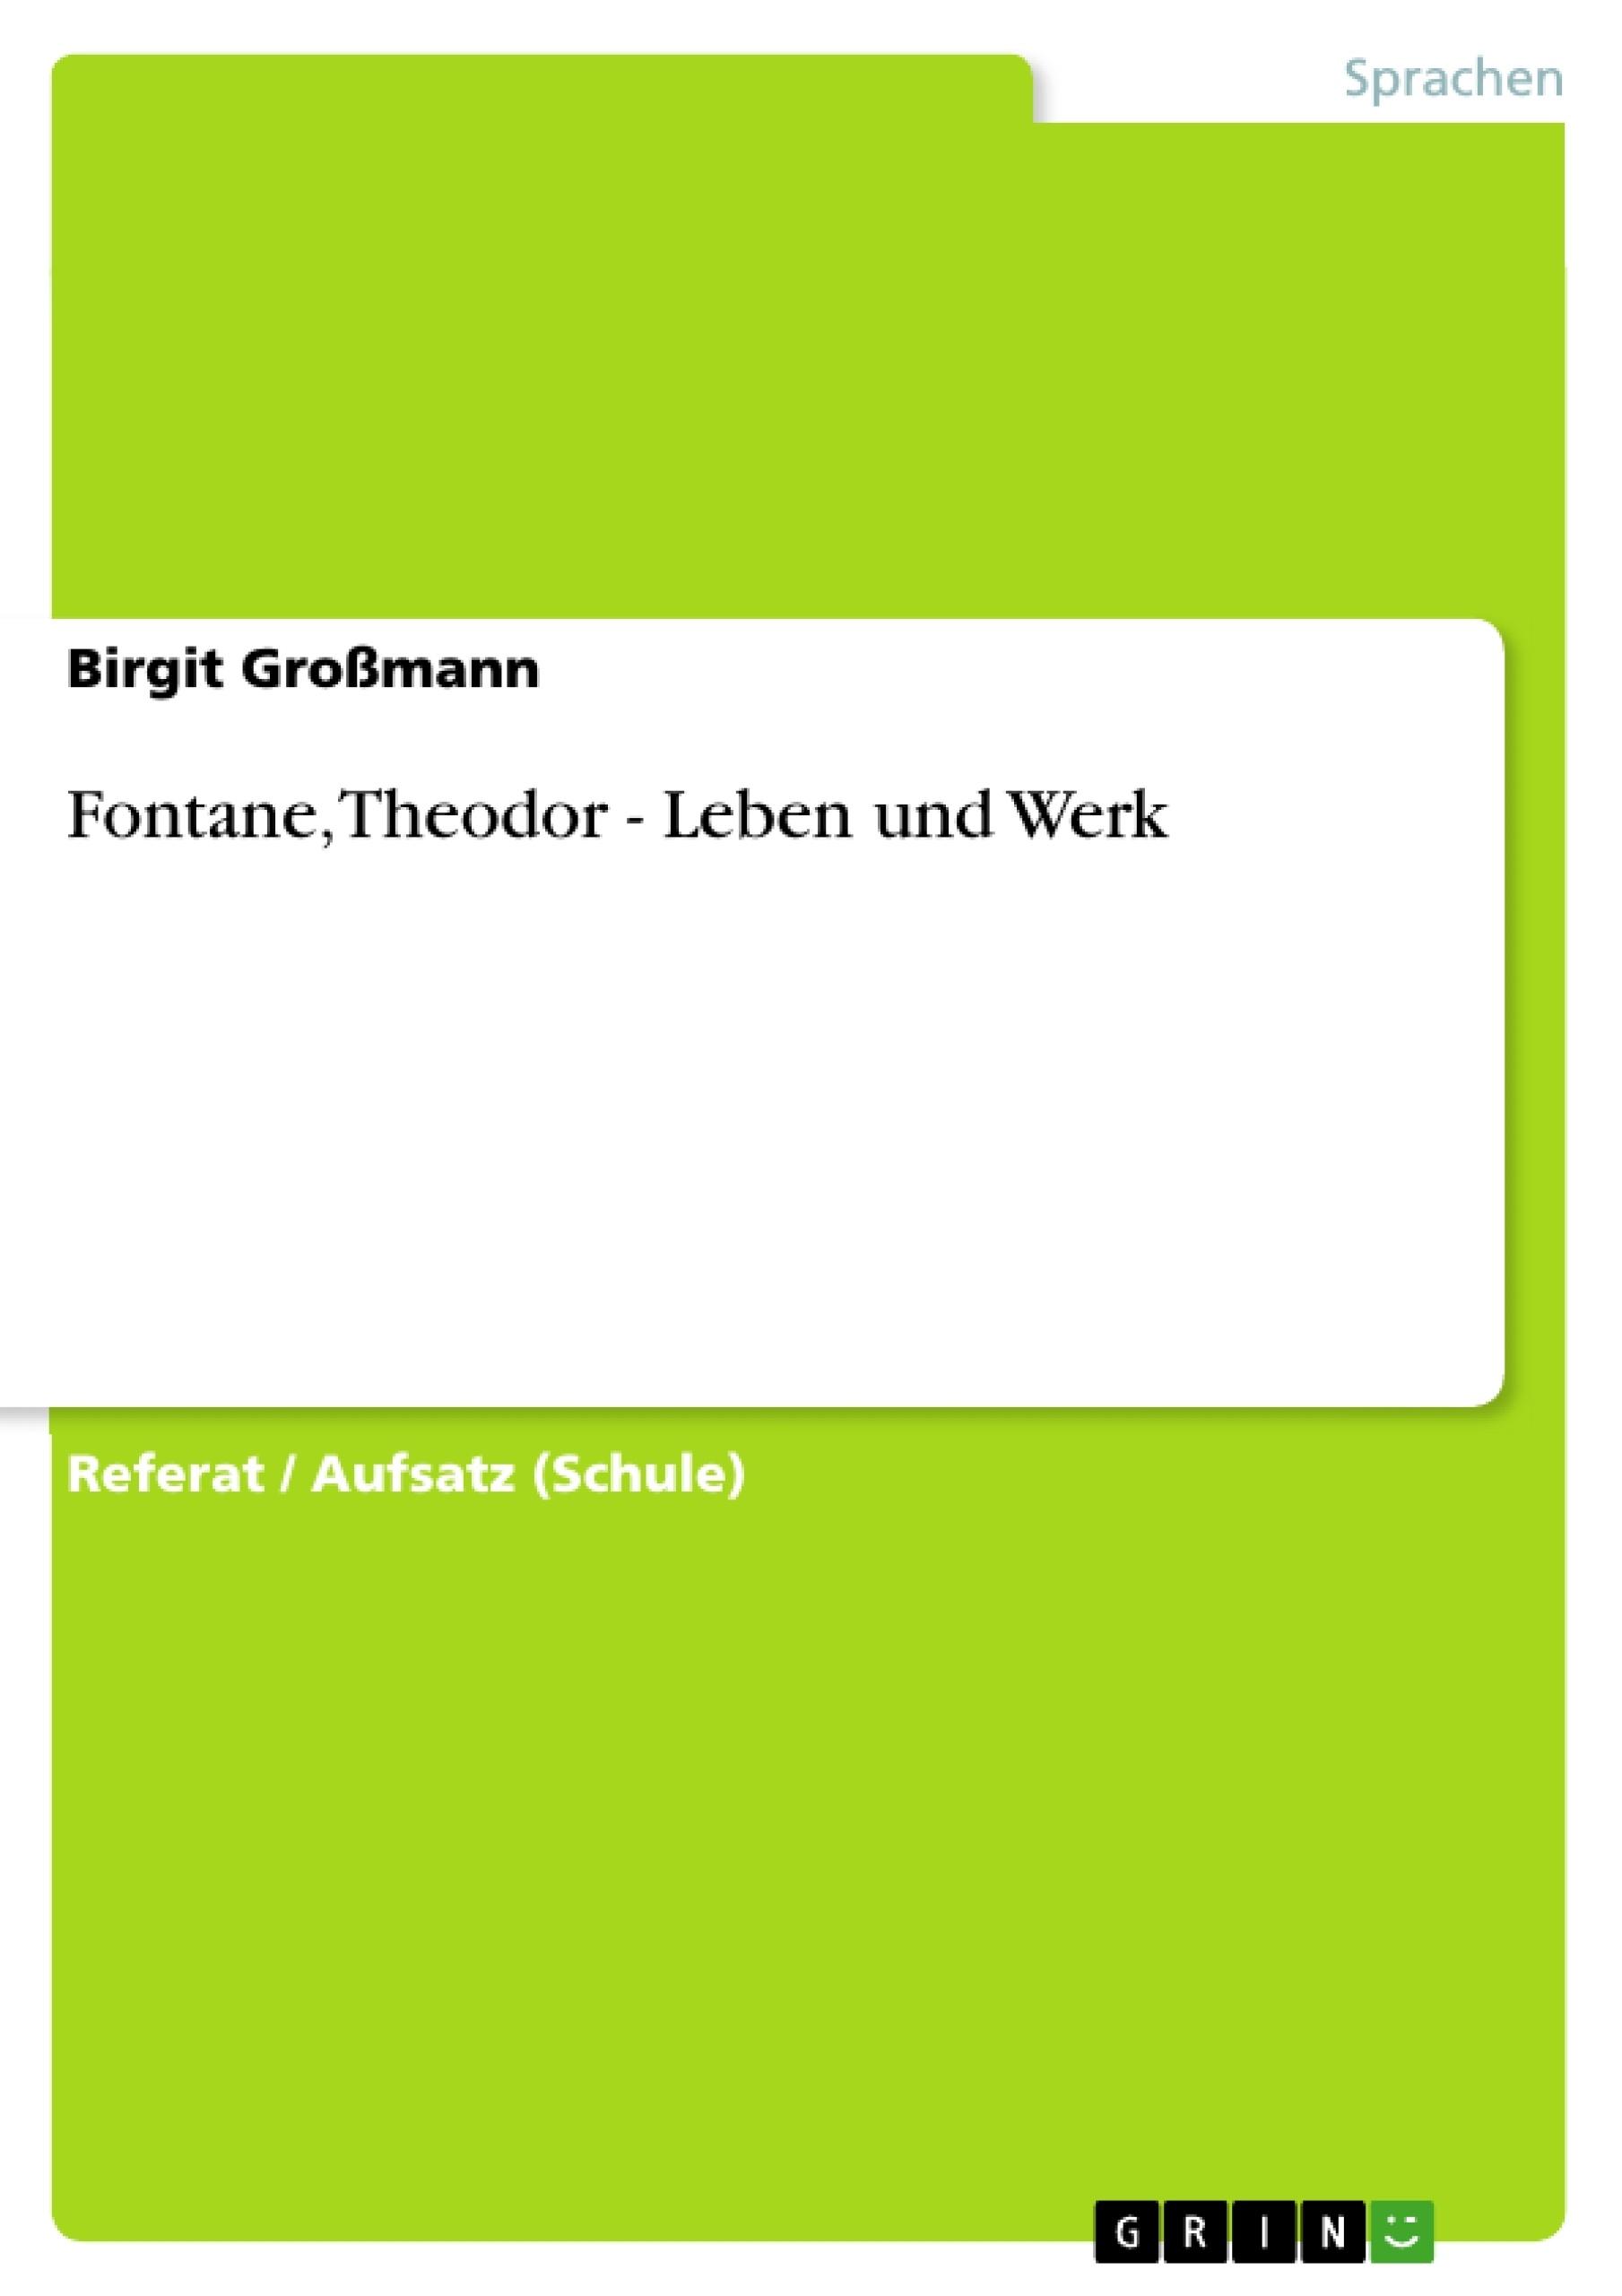 Titel: Fontane, Theodor - Leben und Werk